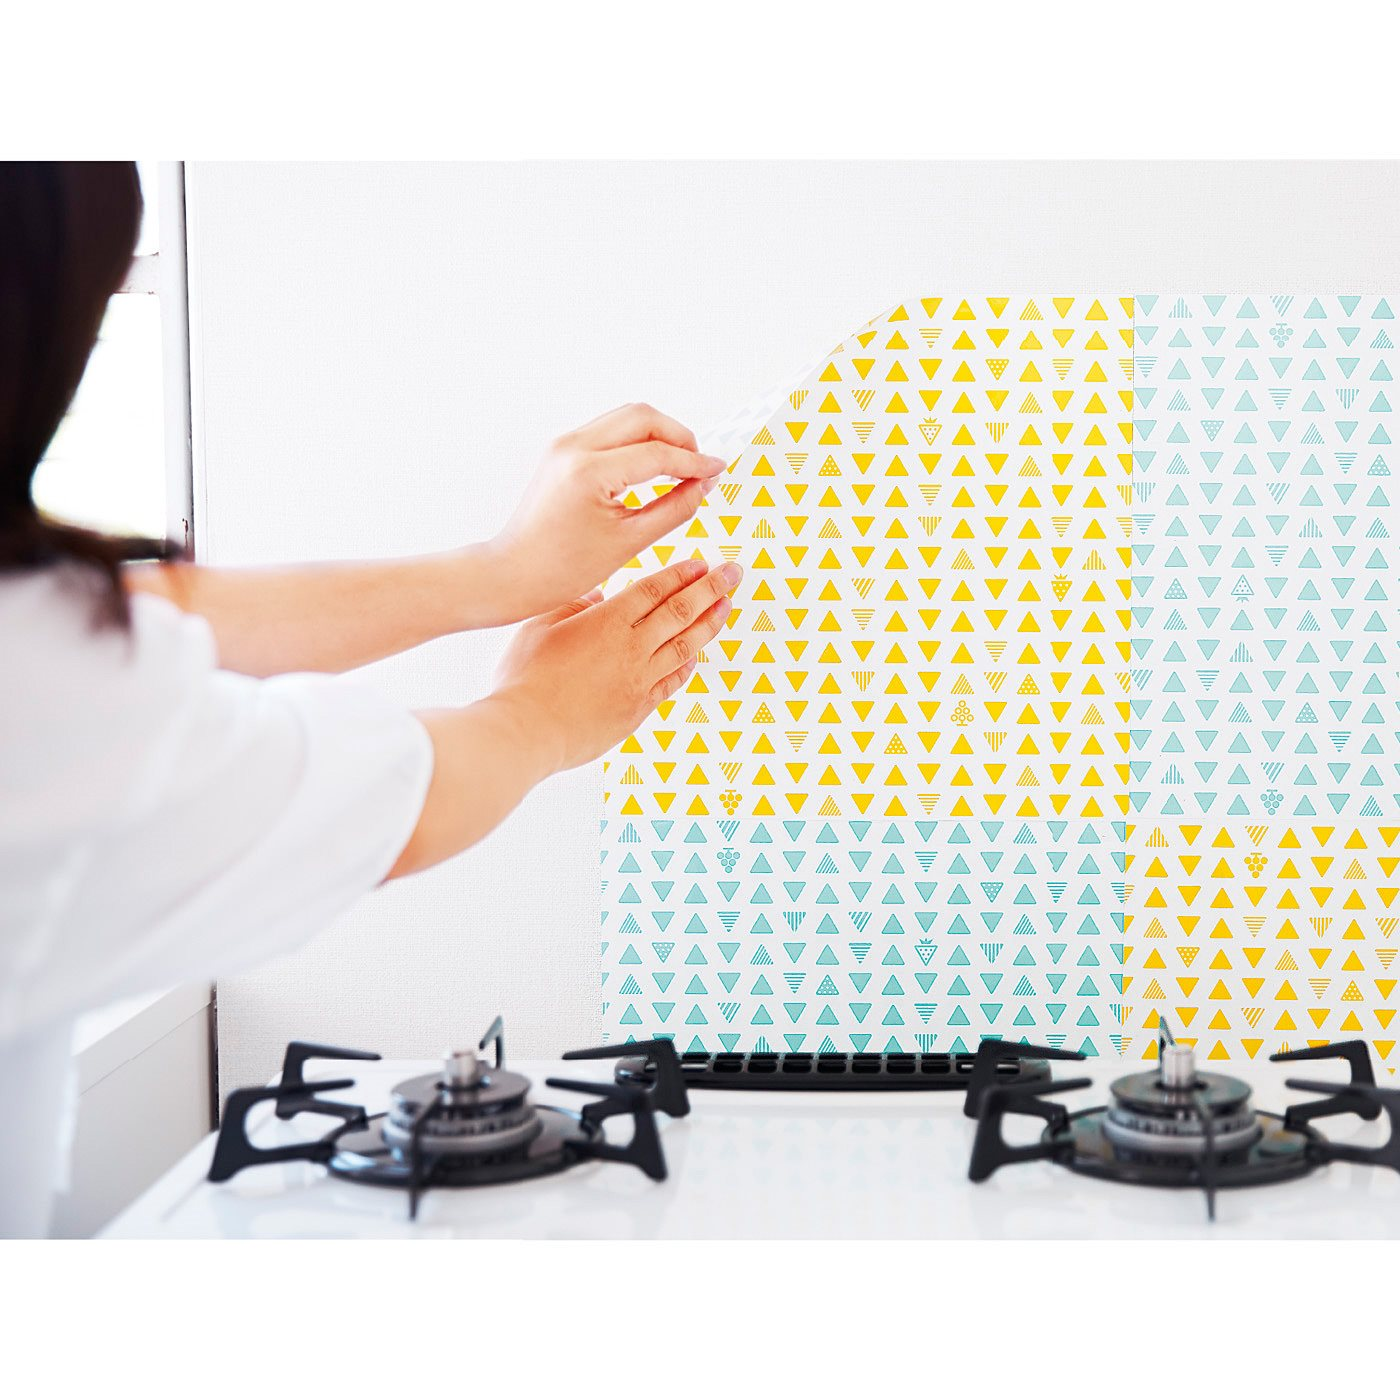 コンパクトな正方形サイズだから、ひとりでも貼りやすい!